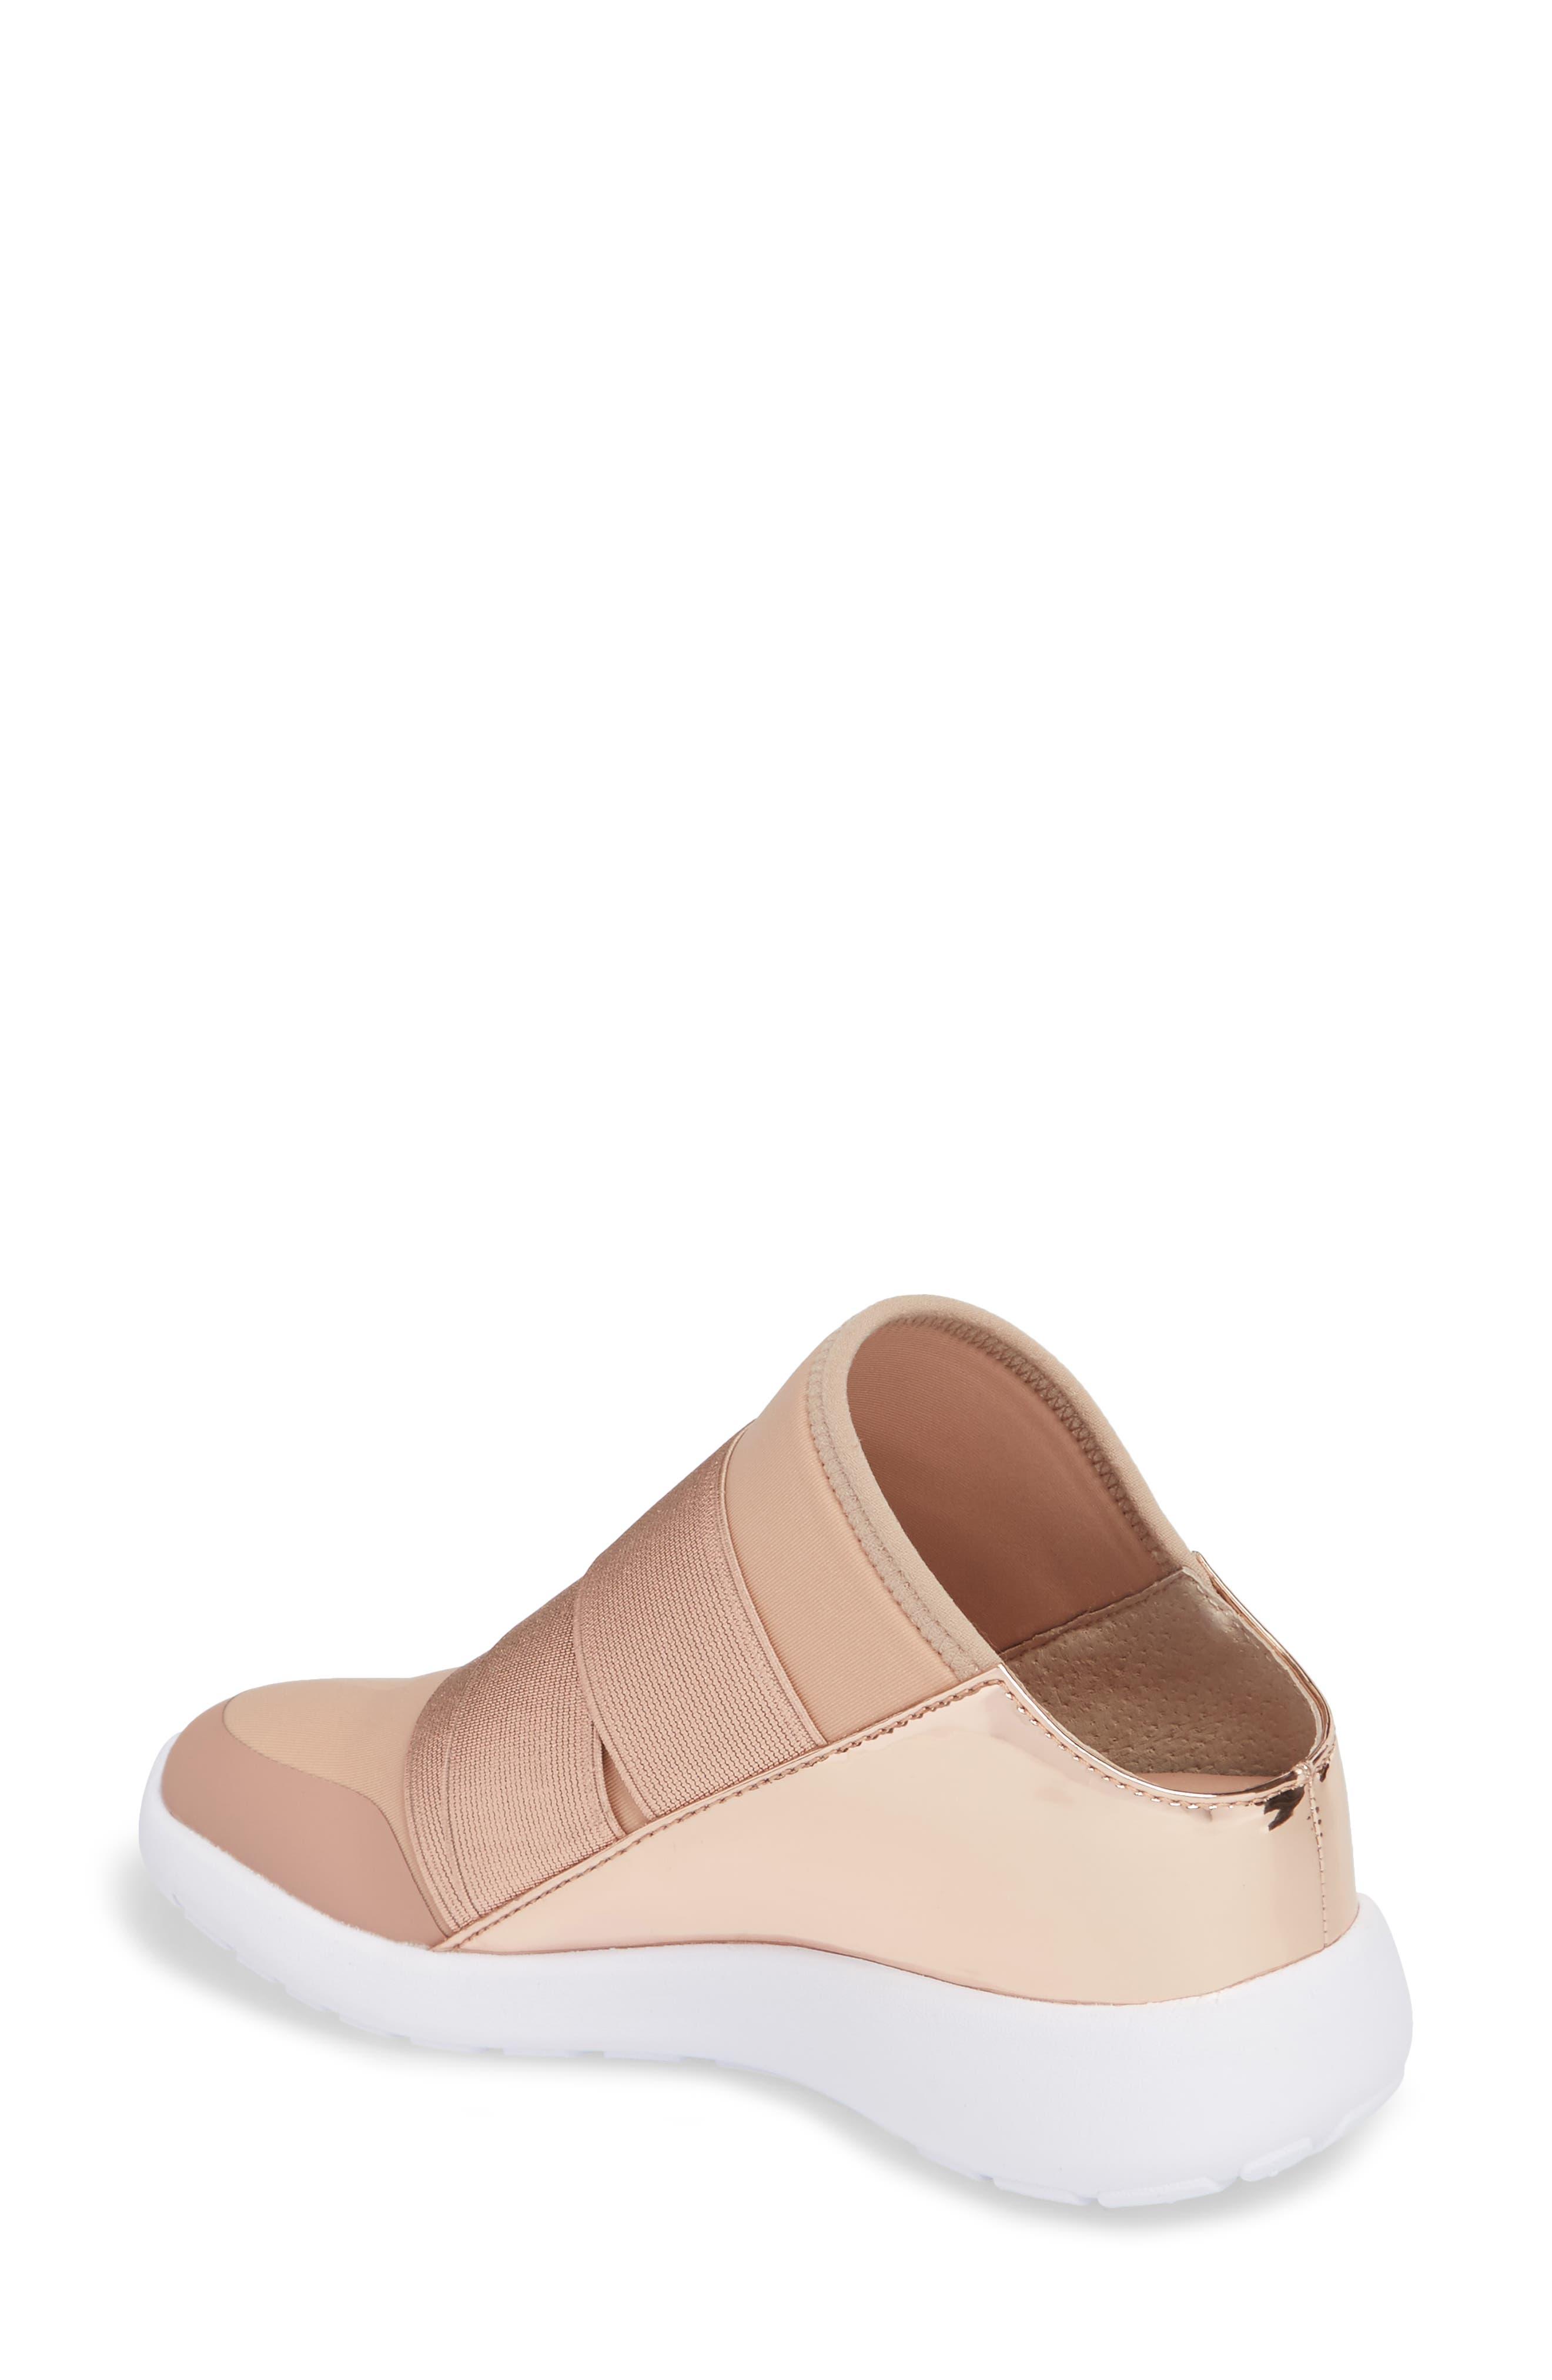 Vine Slip-On Sneaker,                             Alternate thumbnail 2, color,                             Blush